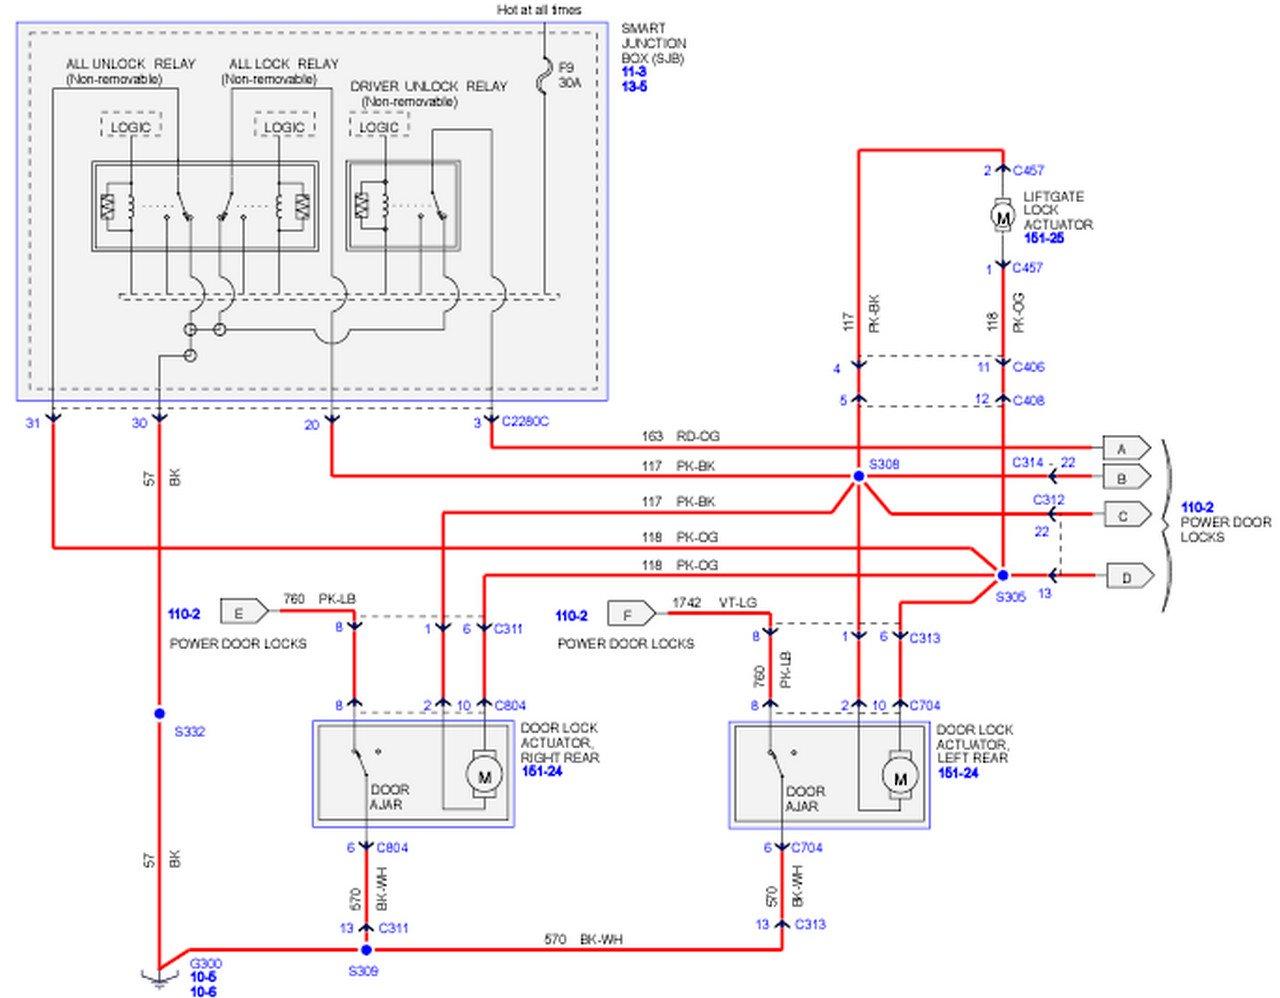 2005 Ford Escape Wiring Schematic Best Wiring Diagrams Www Www Ekoegur Es